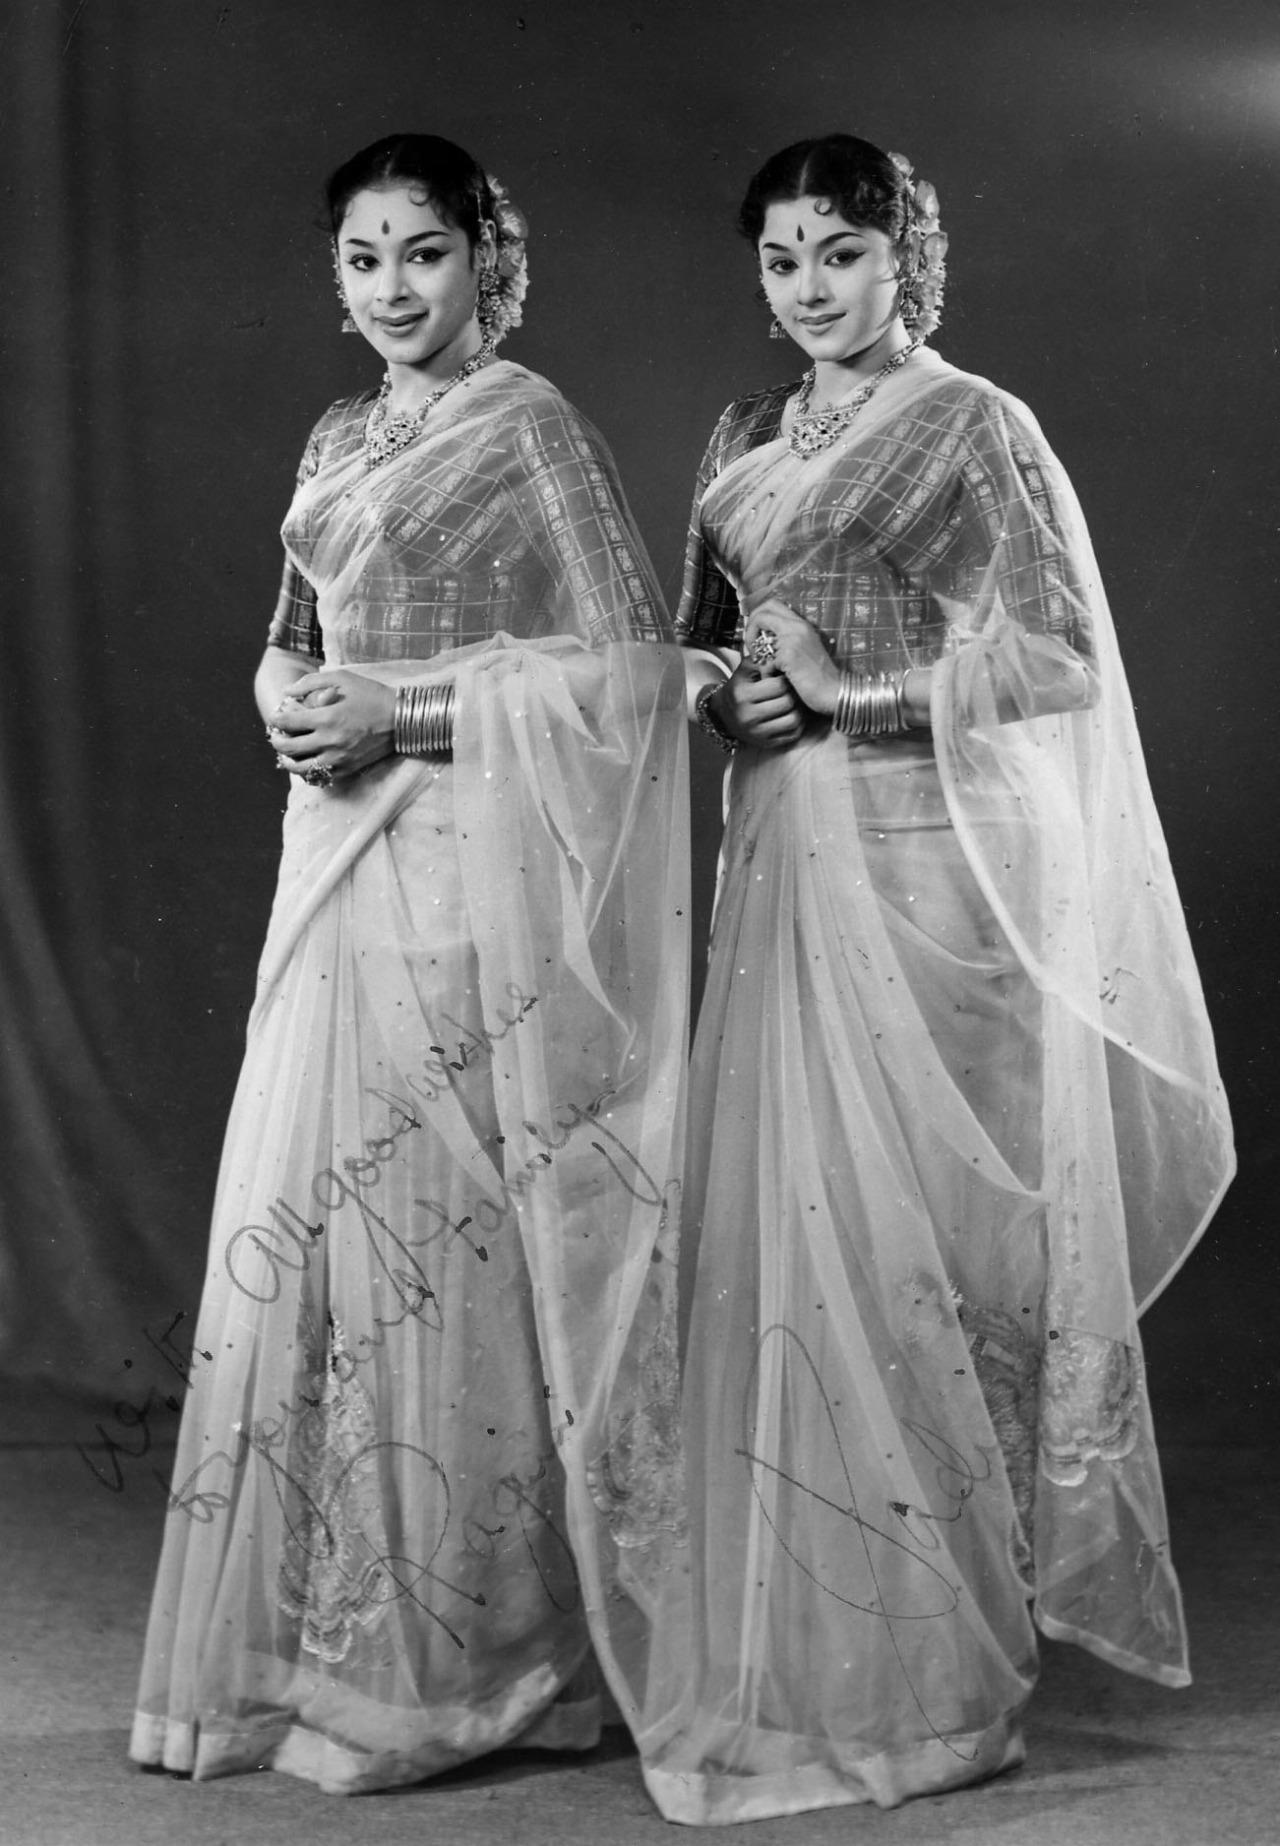 Two of the Travancore sisters trio - Ragini and Padmini